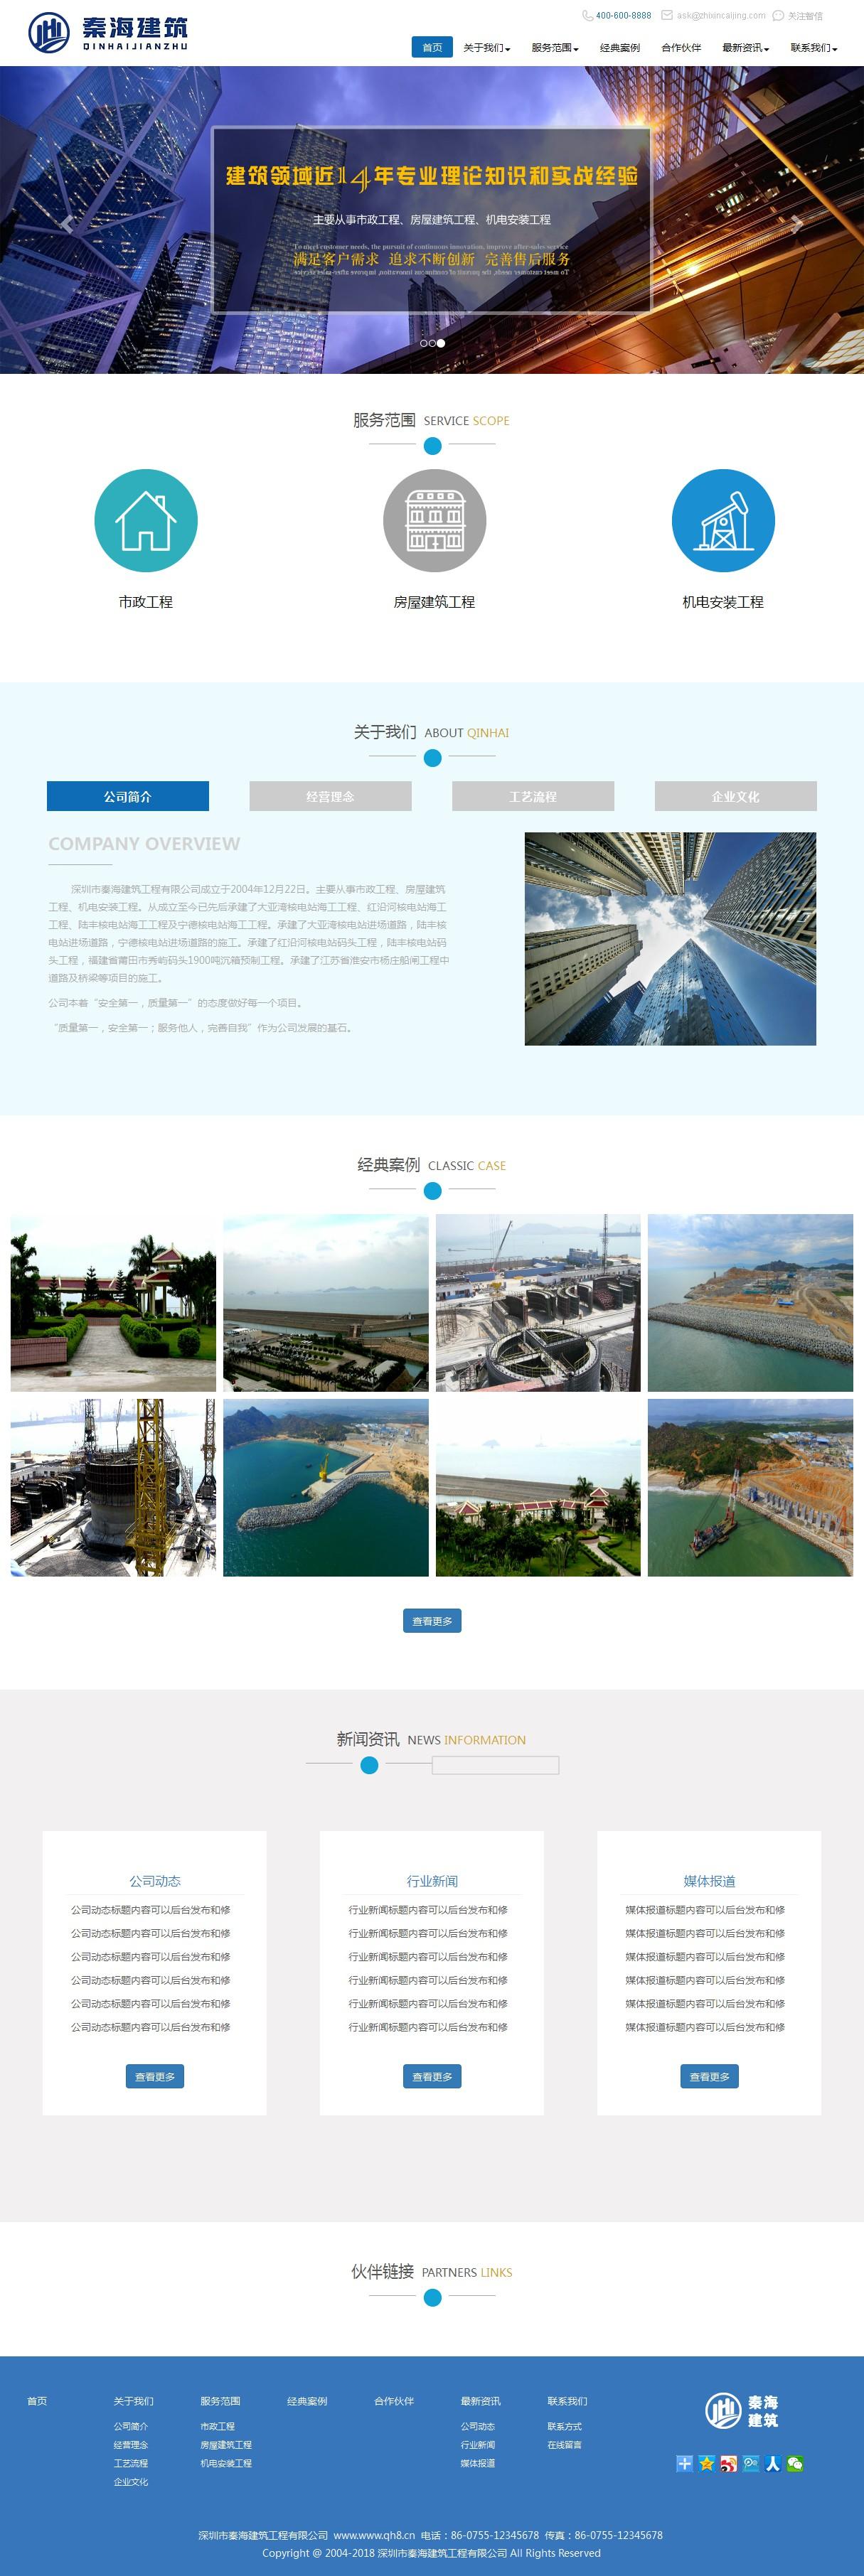 网站制作案例:深圳市秦海建筑工程有限公司